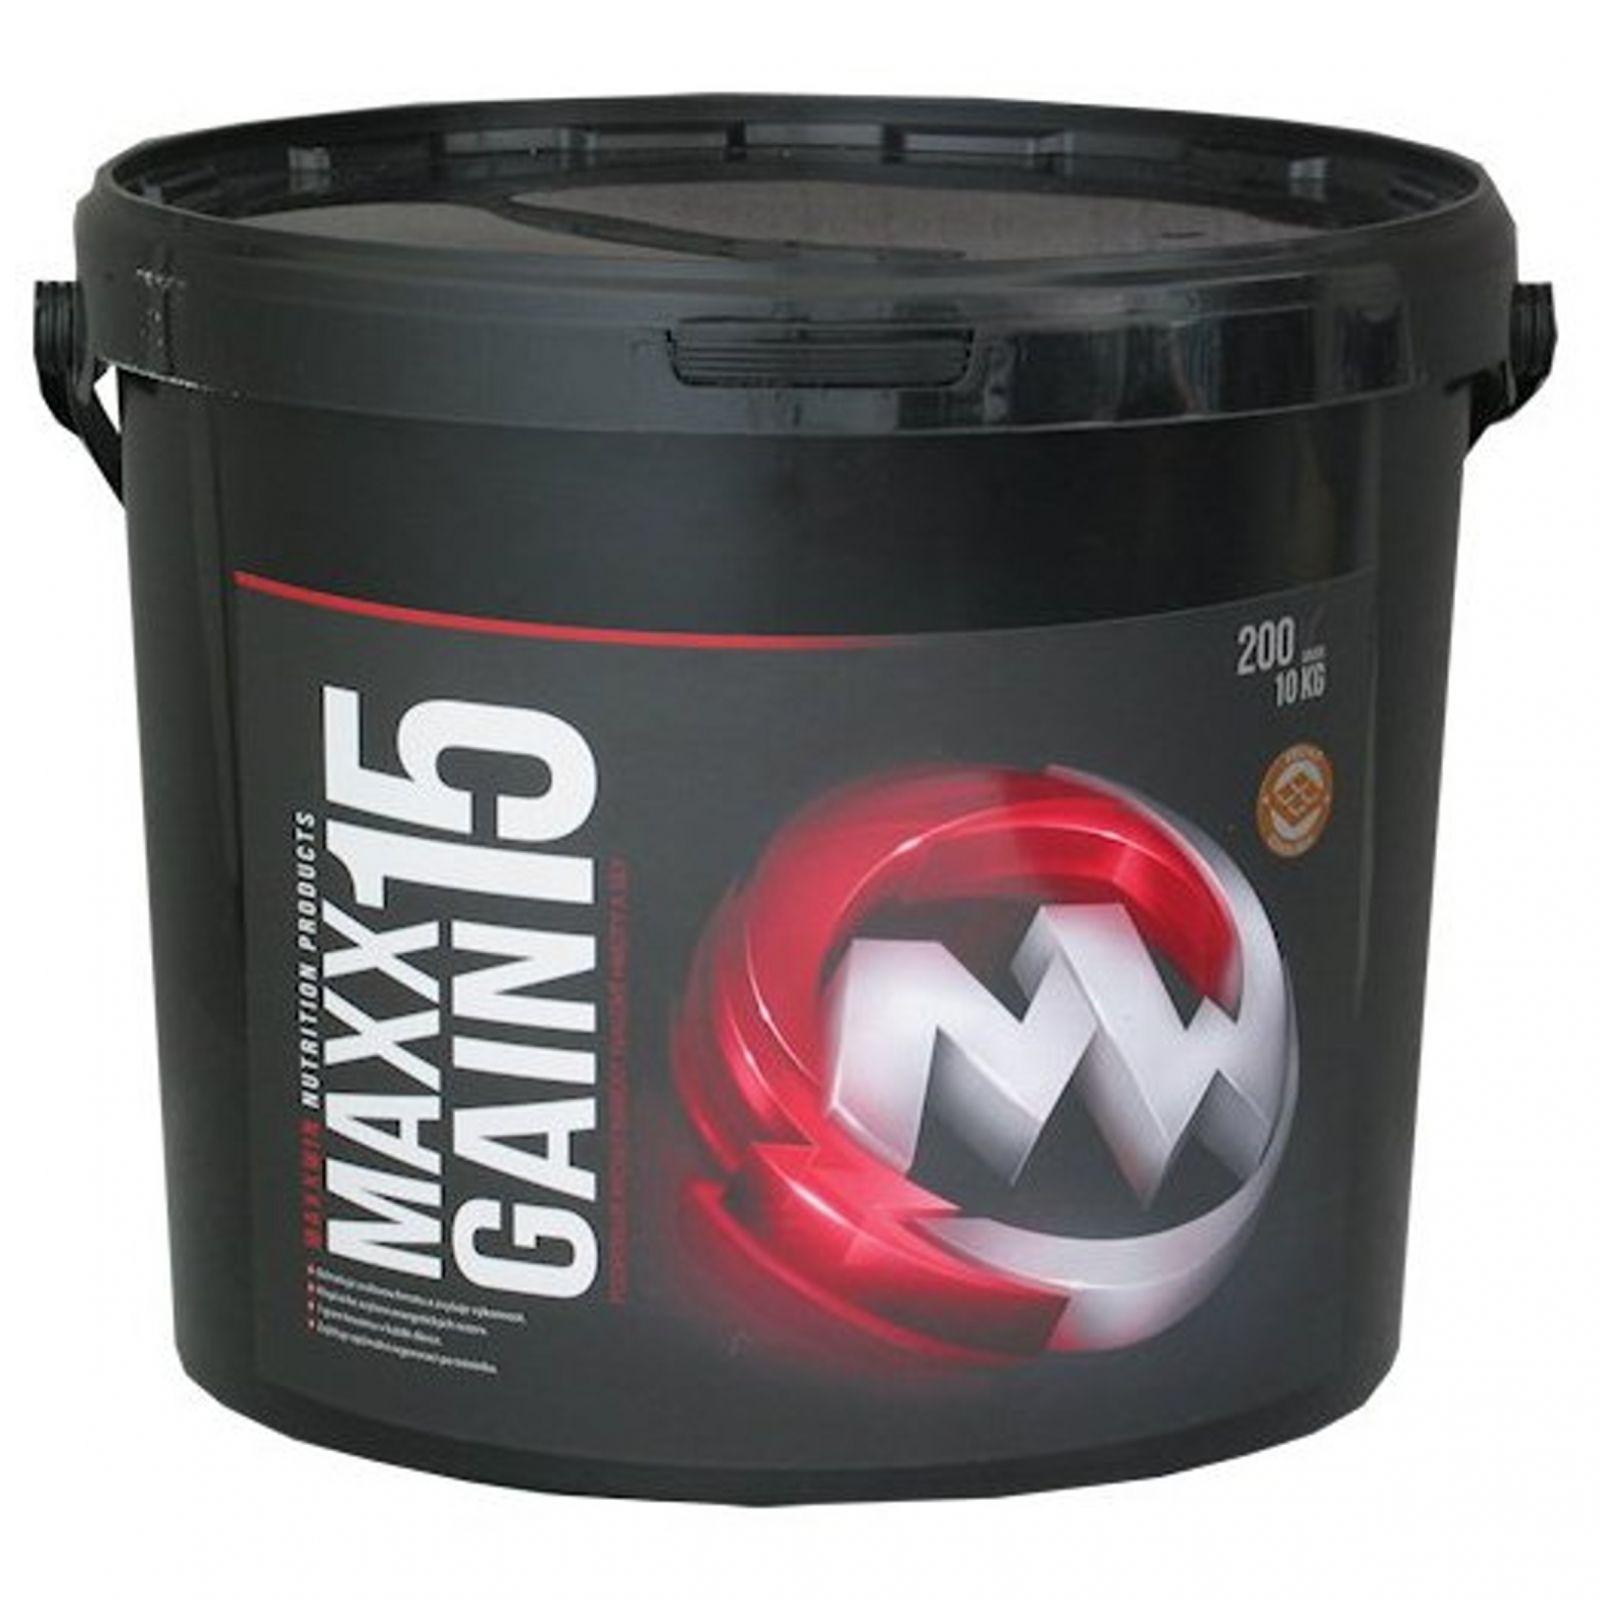 Maxxwin Maxx Gain 15 - 10 kg